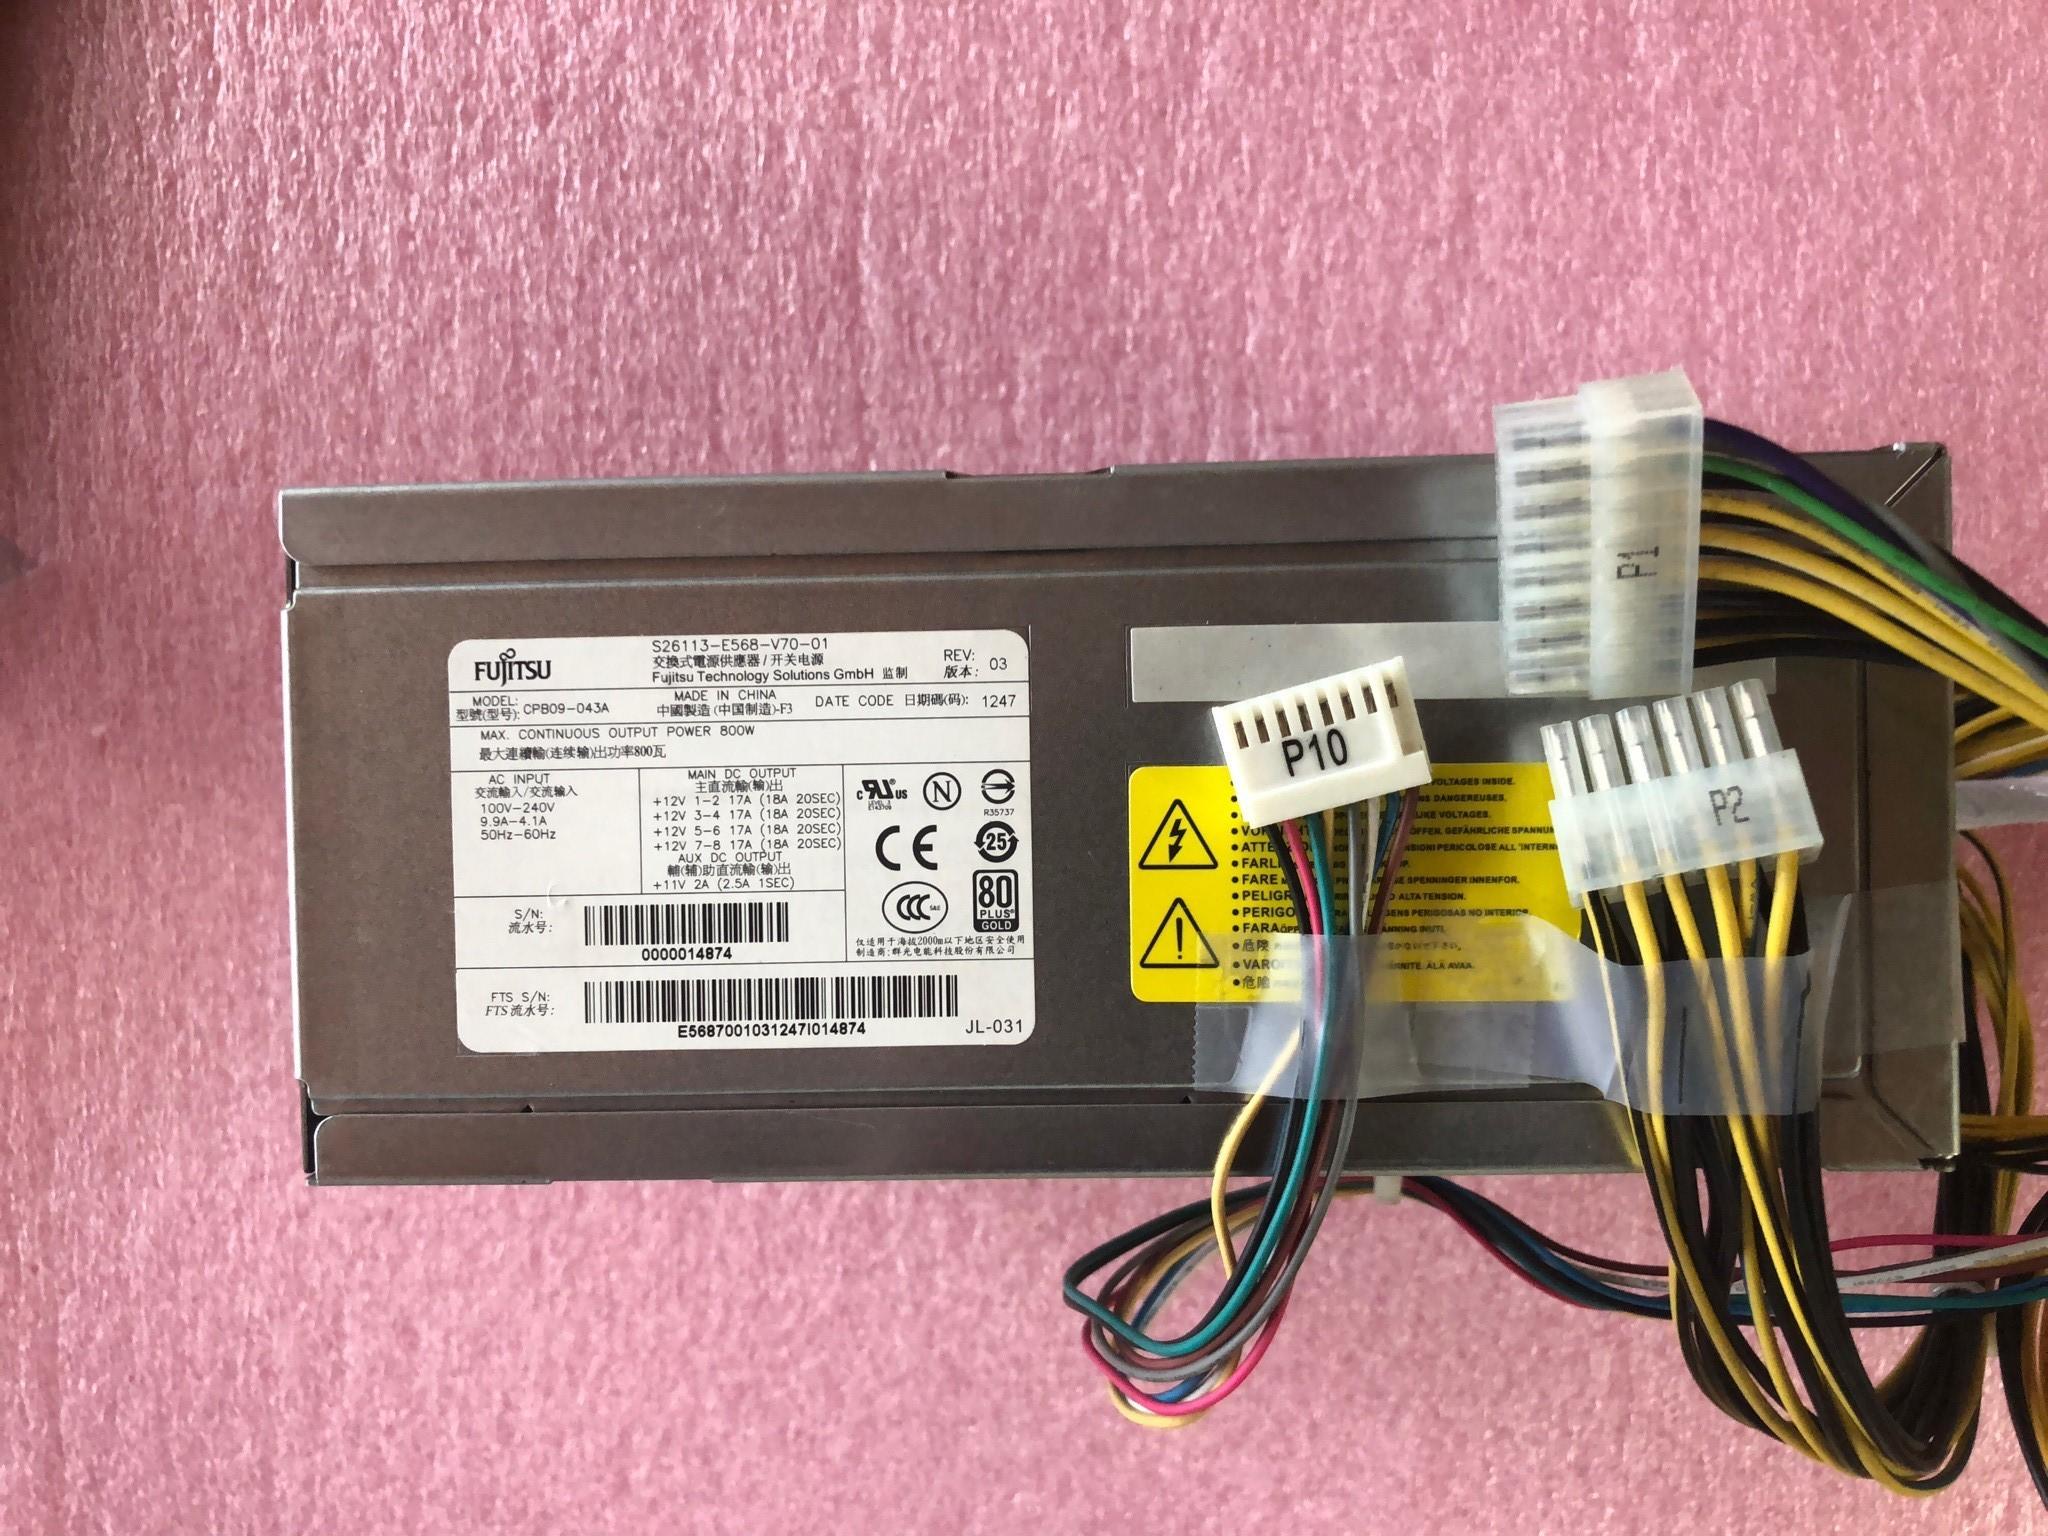 Fujistu S26113-e568-V70